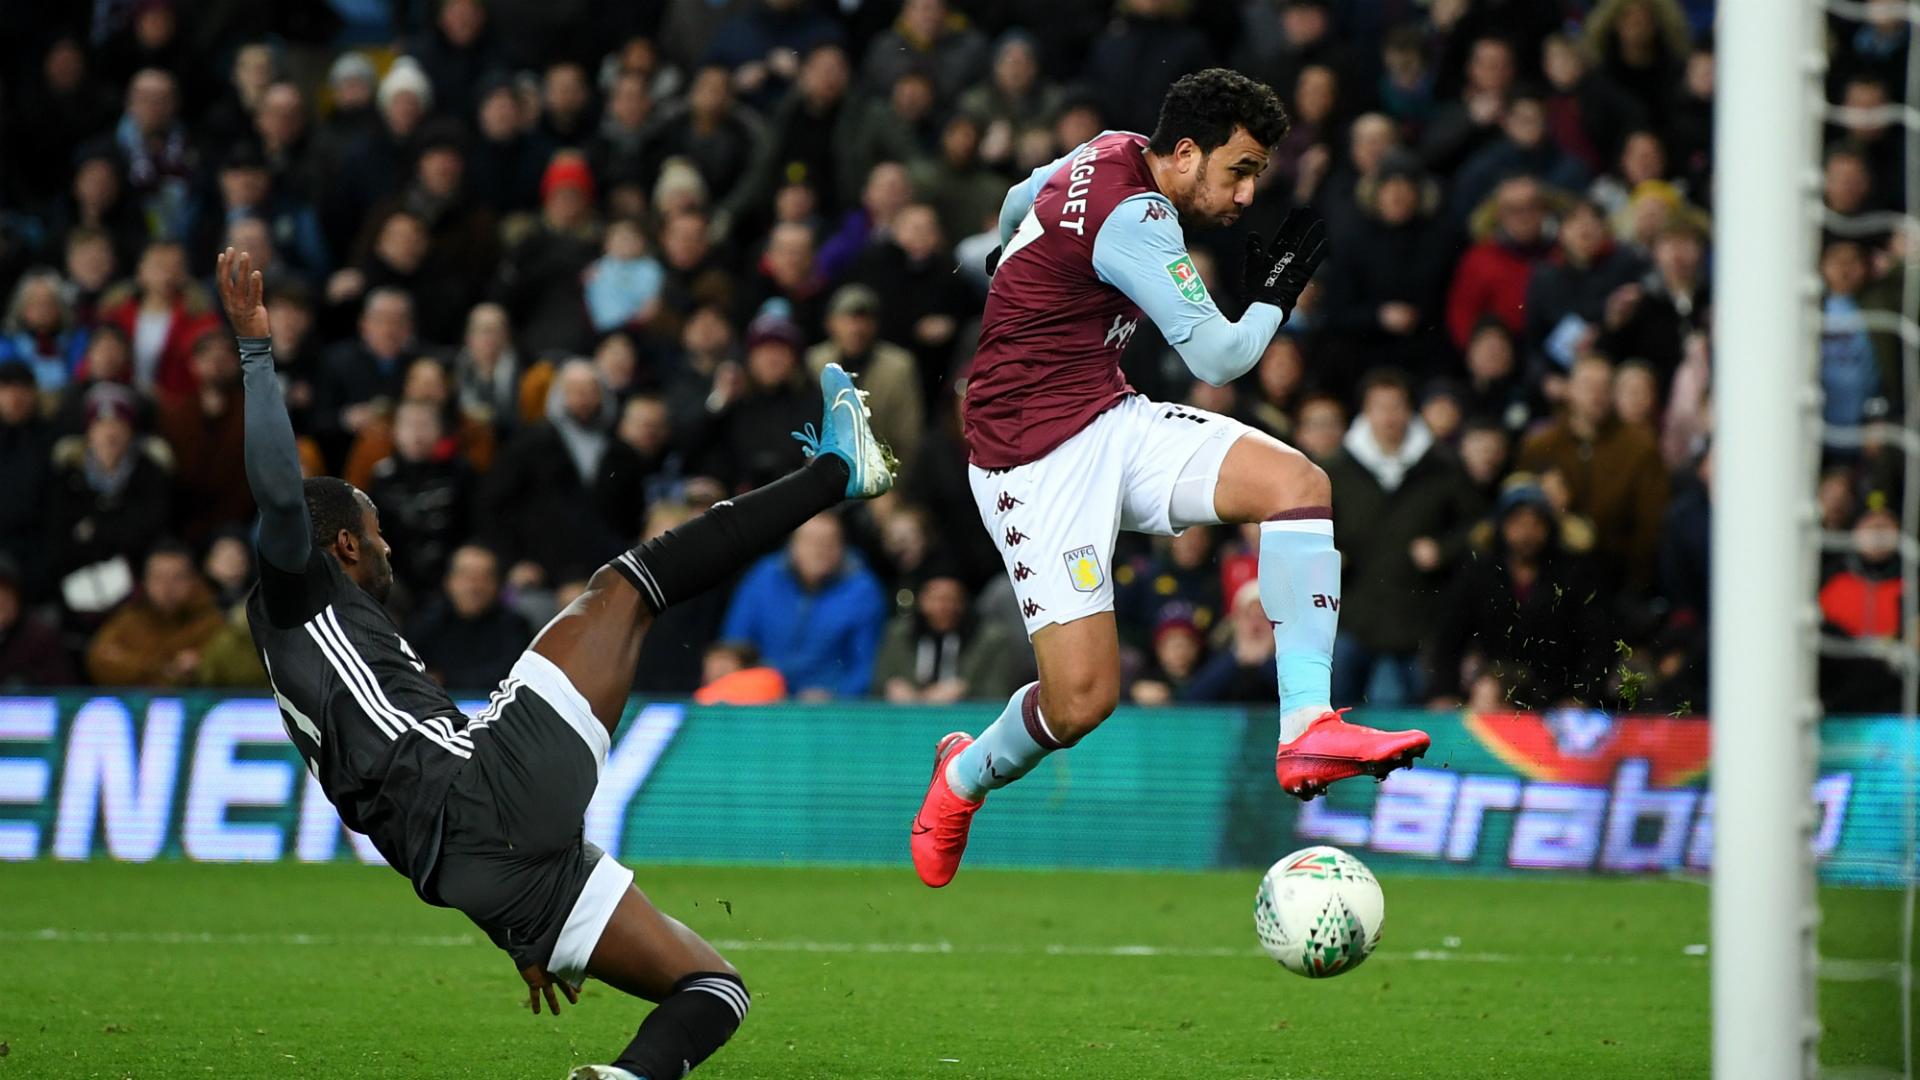 Aston Villa 2-1 Leicester City (3-2 agg): Trezeguet winner sends Villa to Wembley